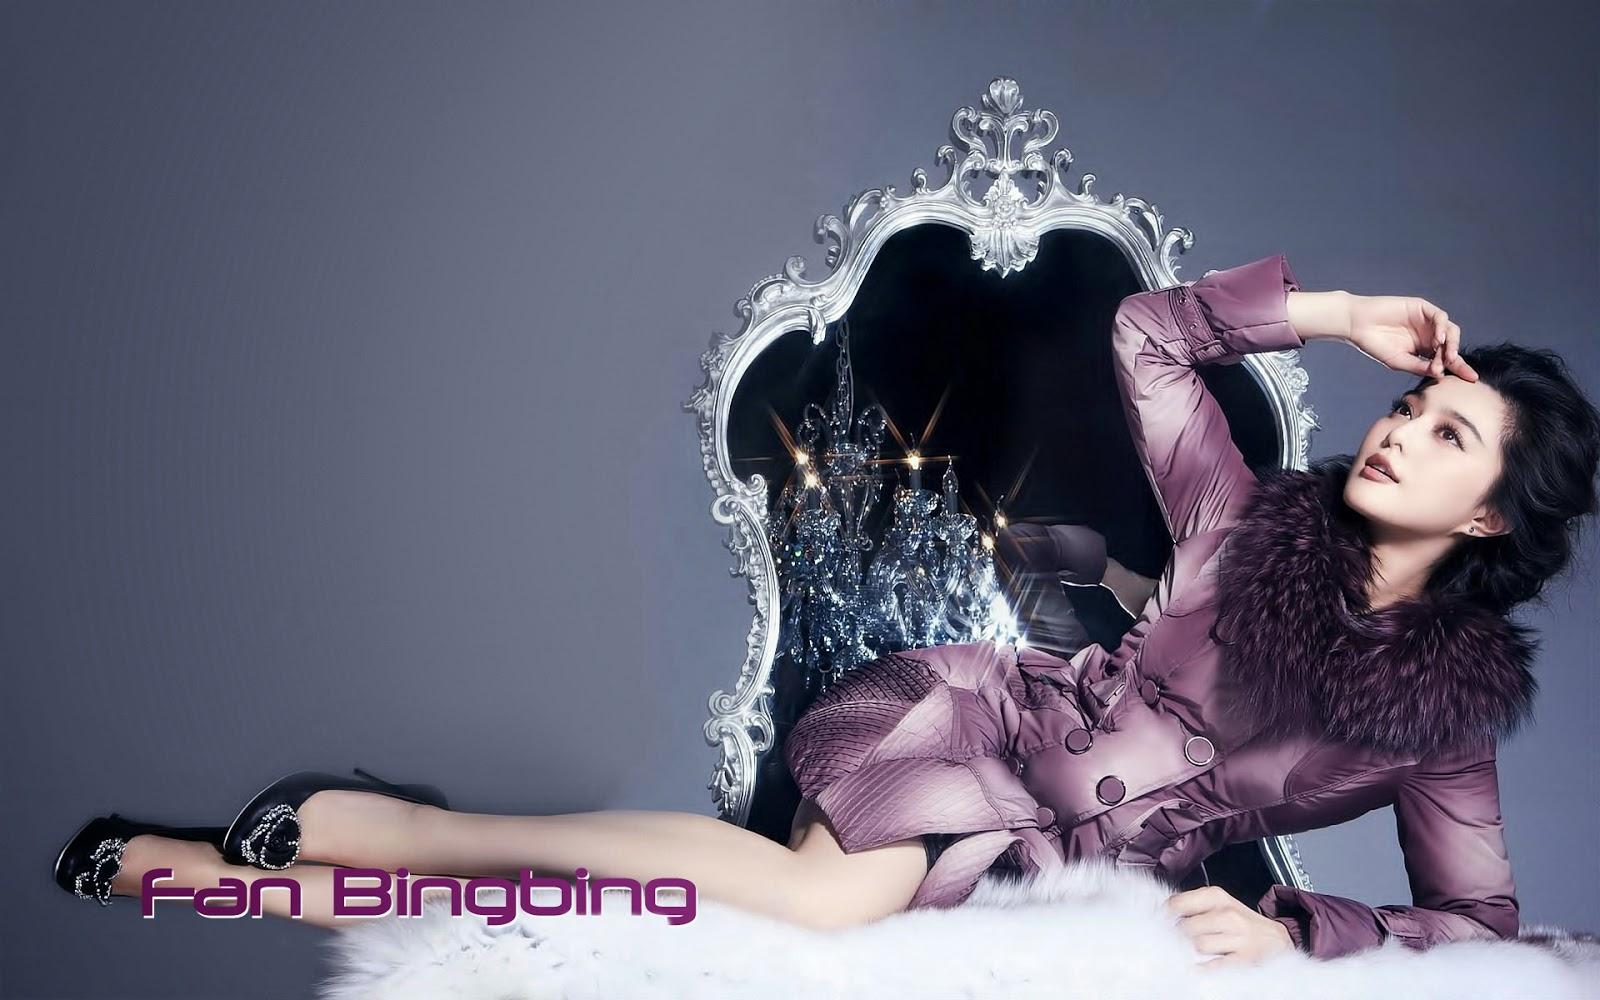 Fan Bingbing HD Wallpapers Free Download